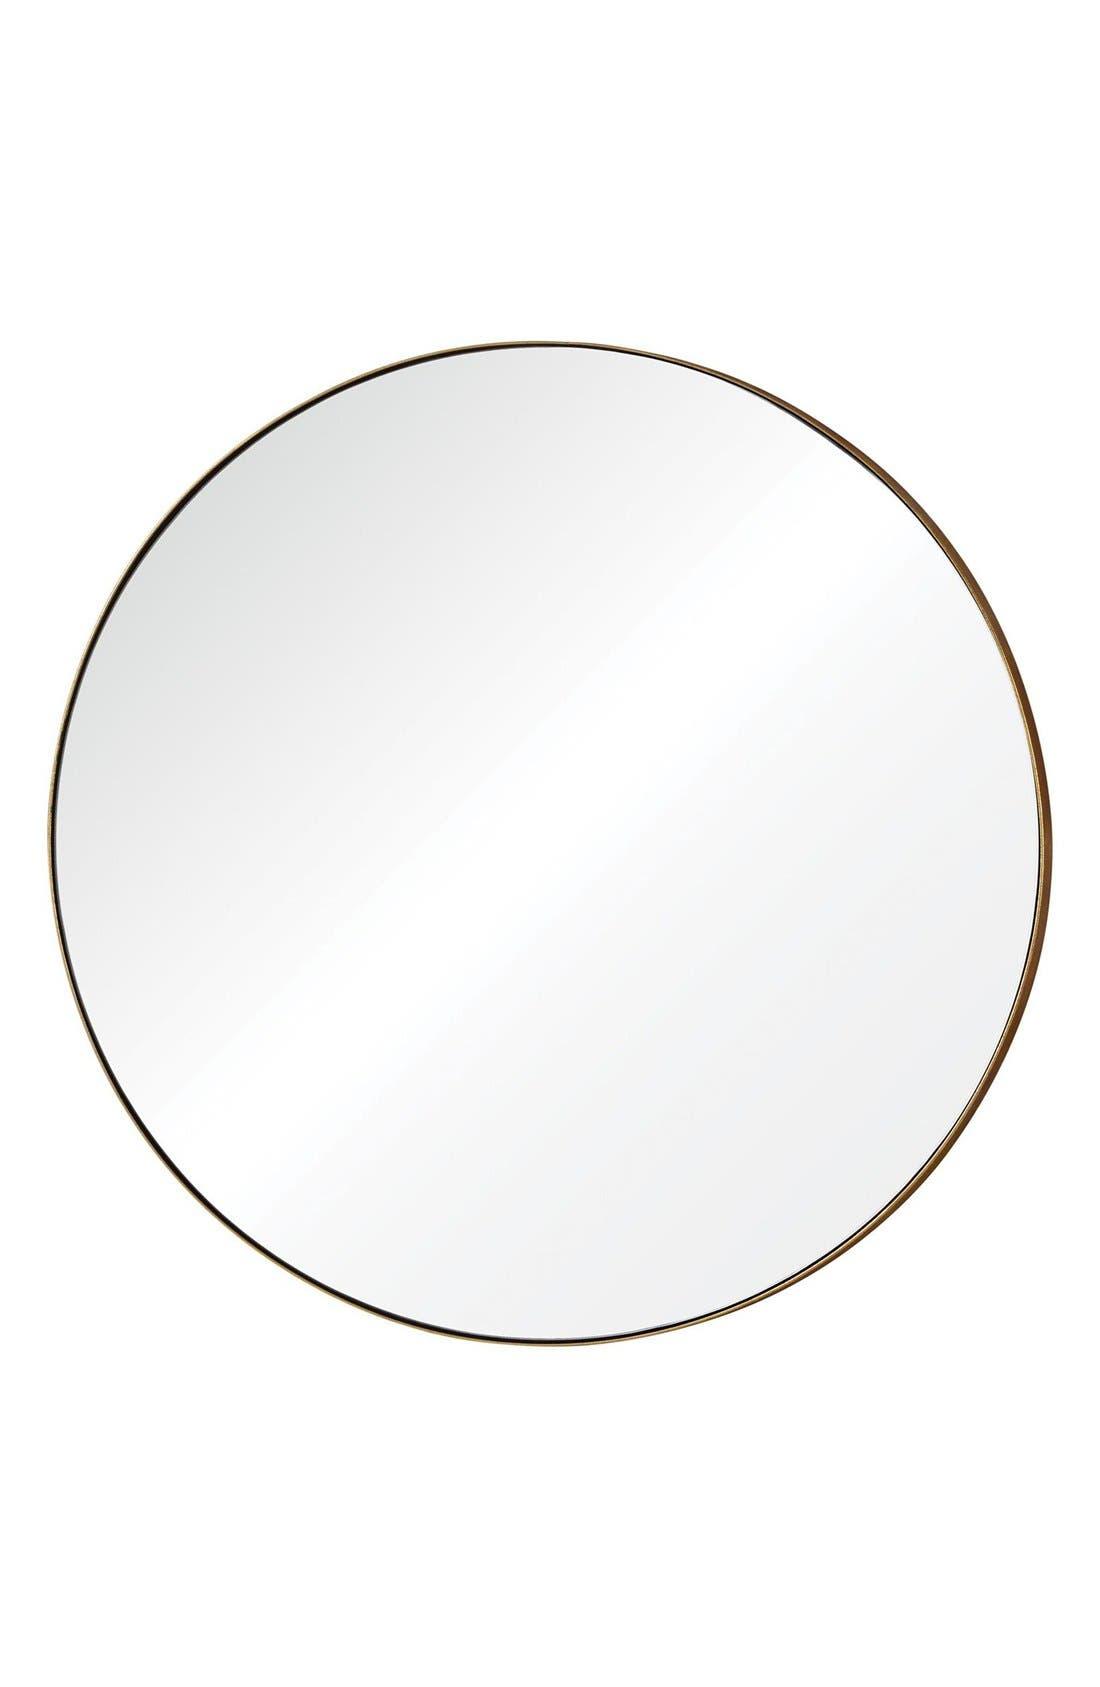 'Oryx' Mirror,                             Main thumbnail 1, color,                             Gold